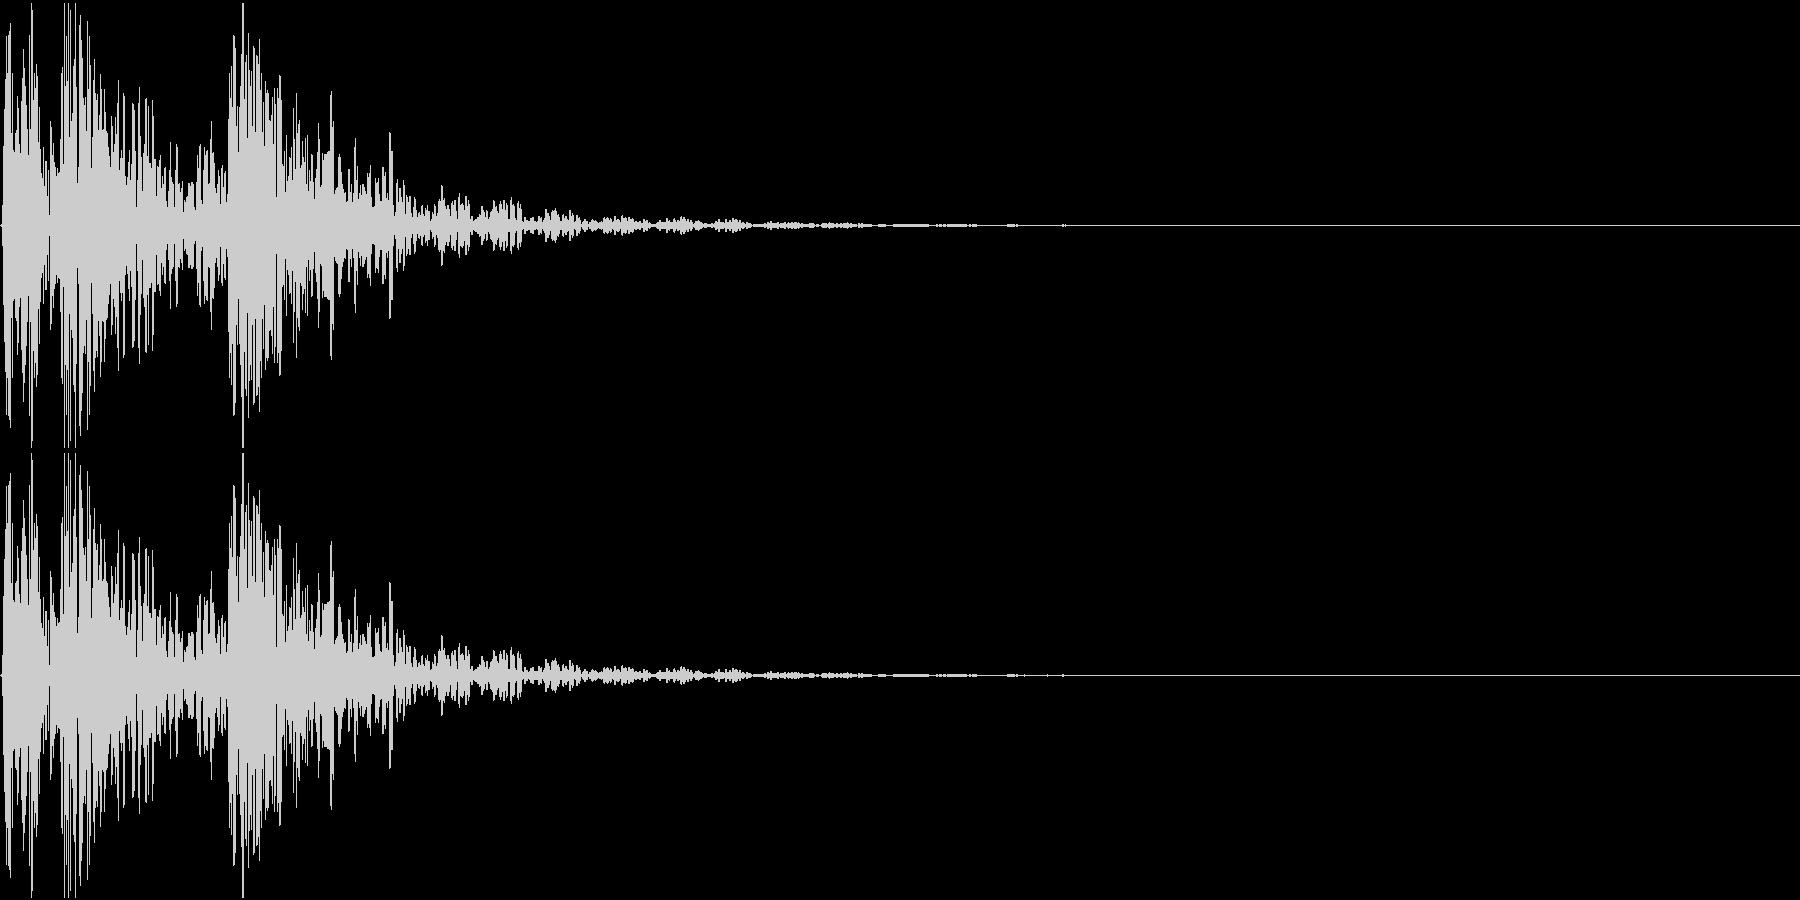 [[ドドンドン!]] 和太鼓の音 3発 の未再生の波形